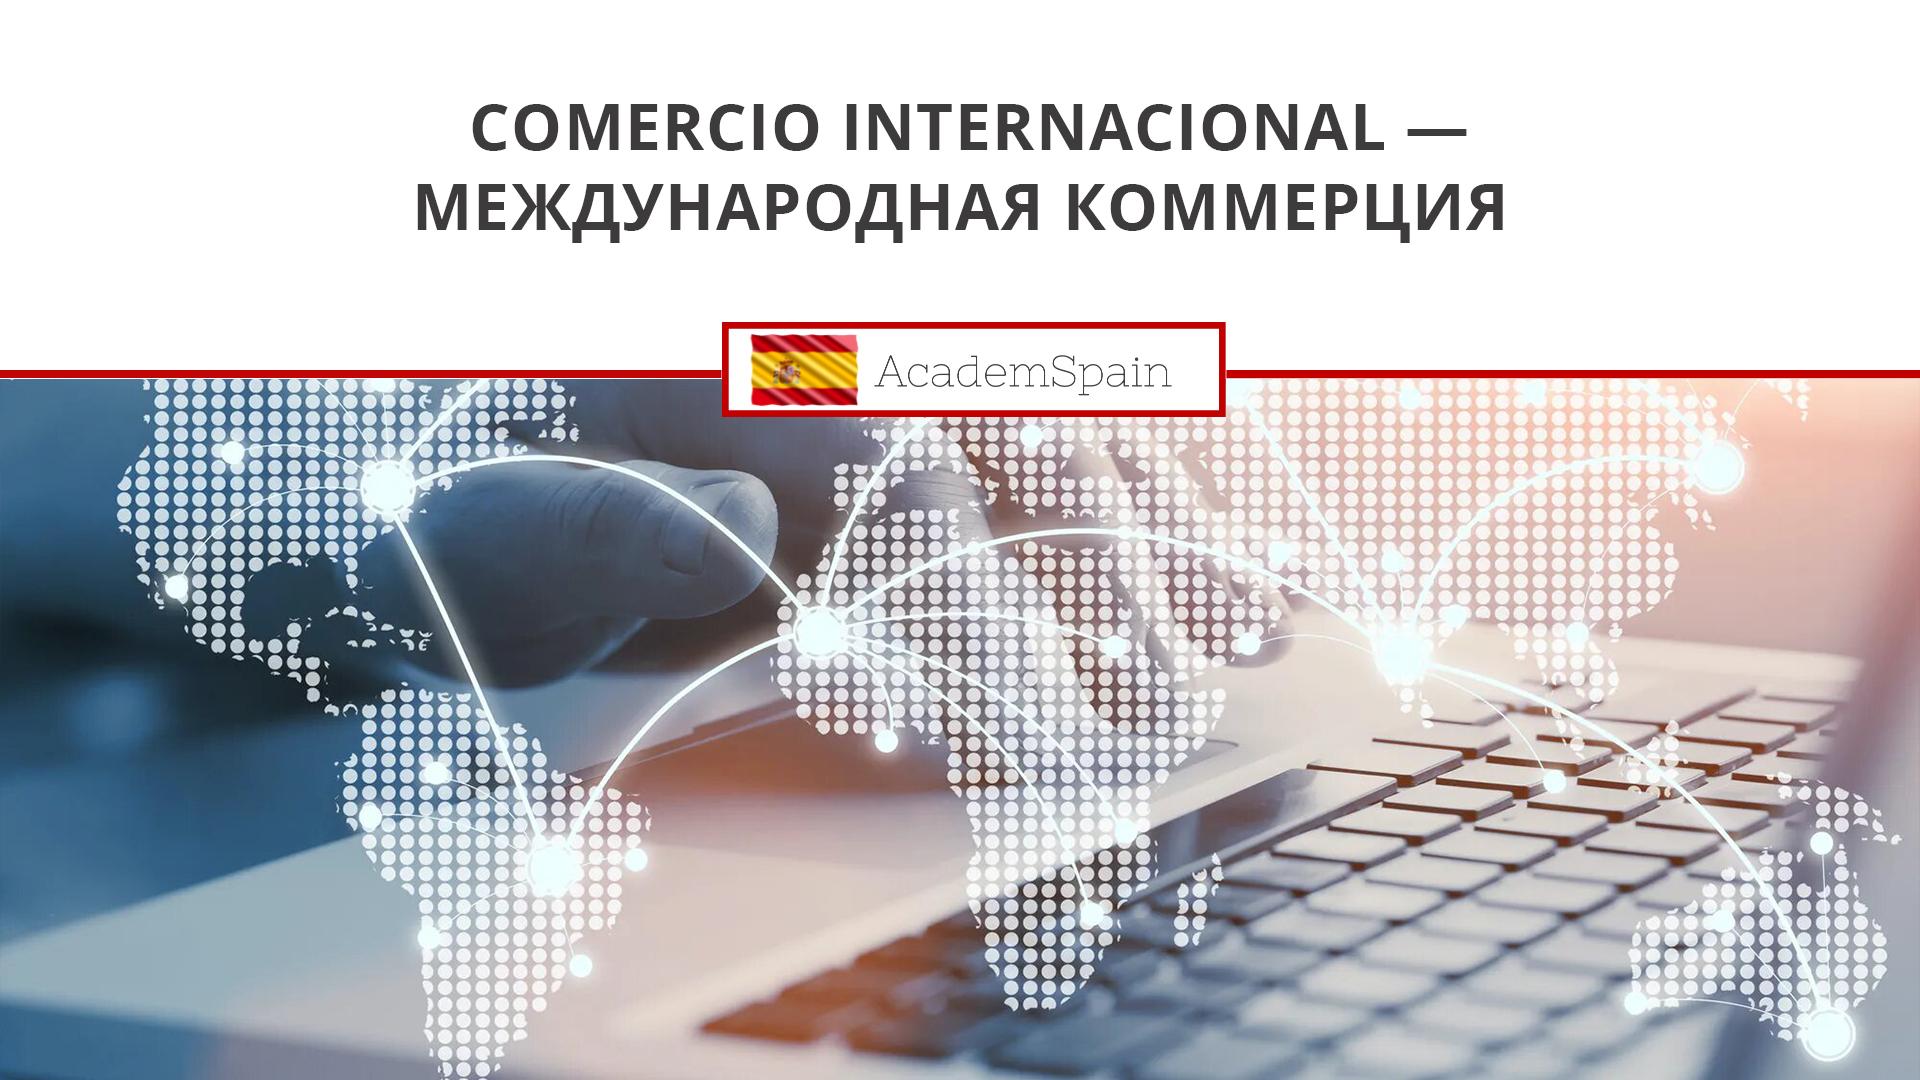 Comercio internacional — международная коммерция